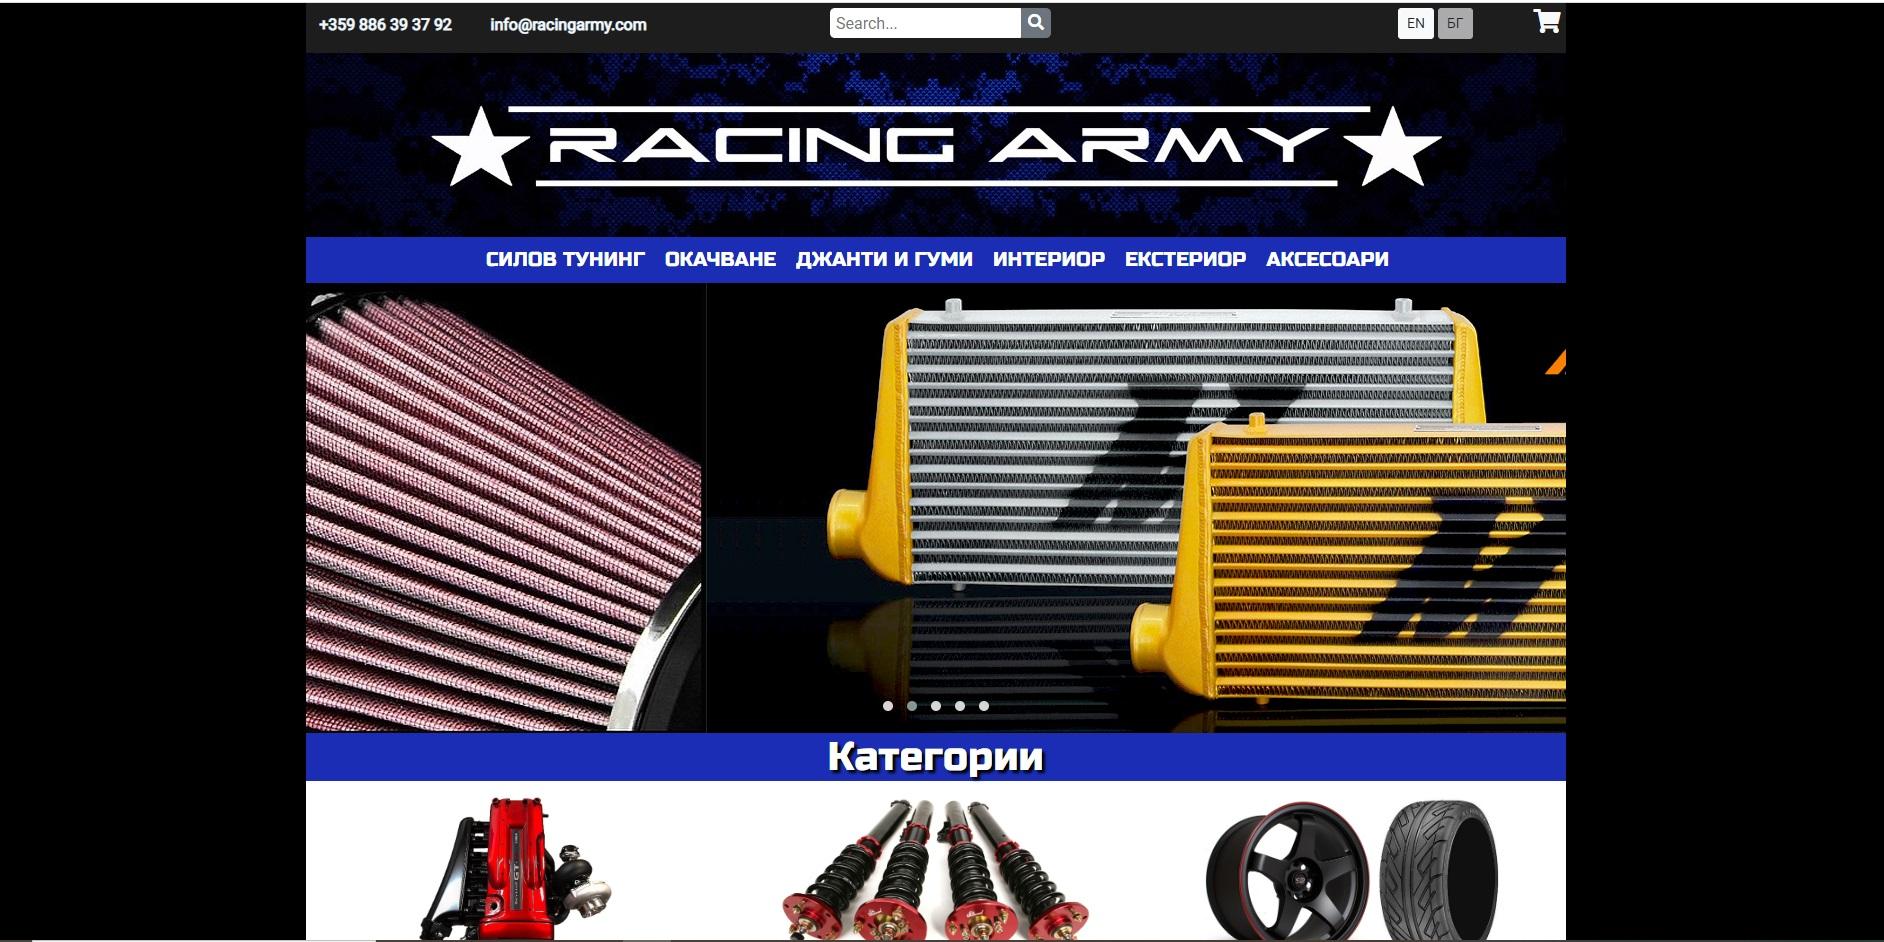 racingarmy